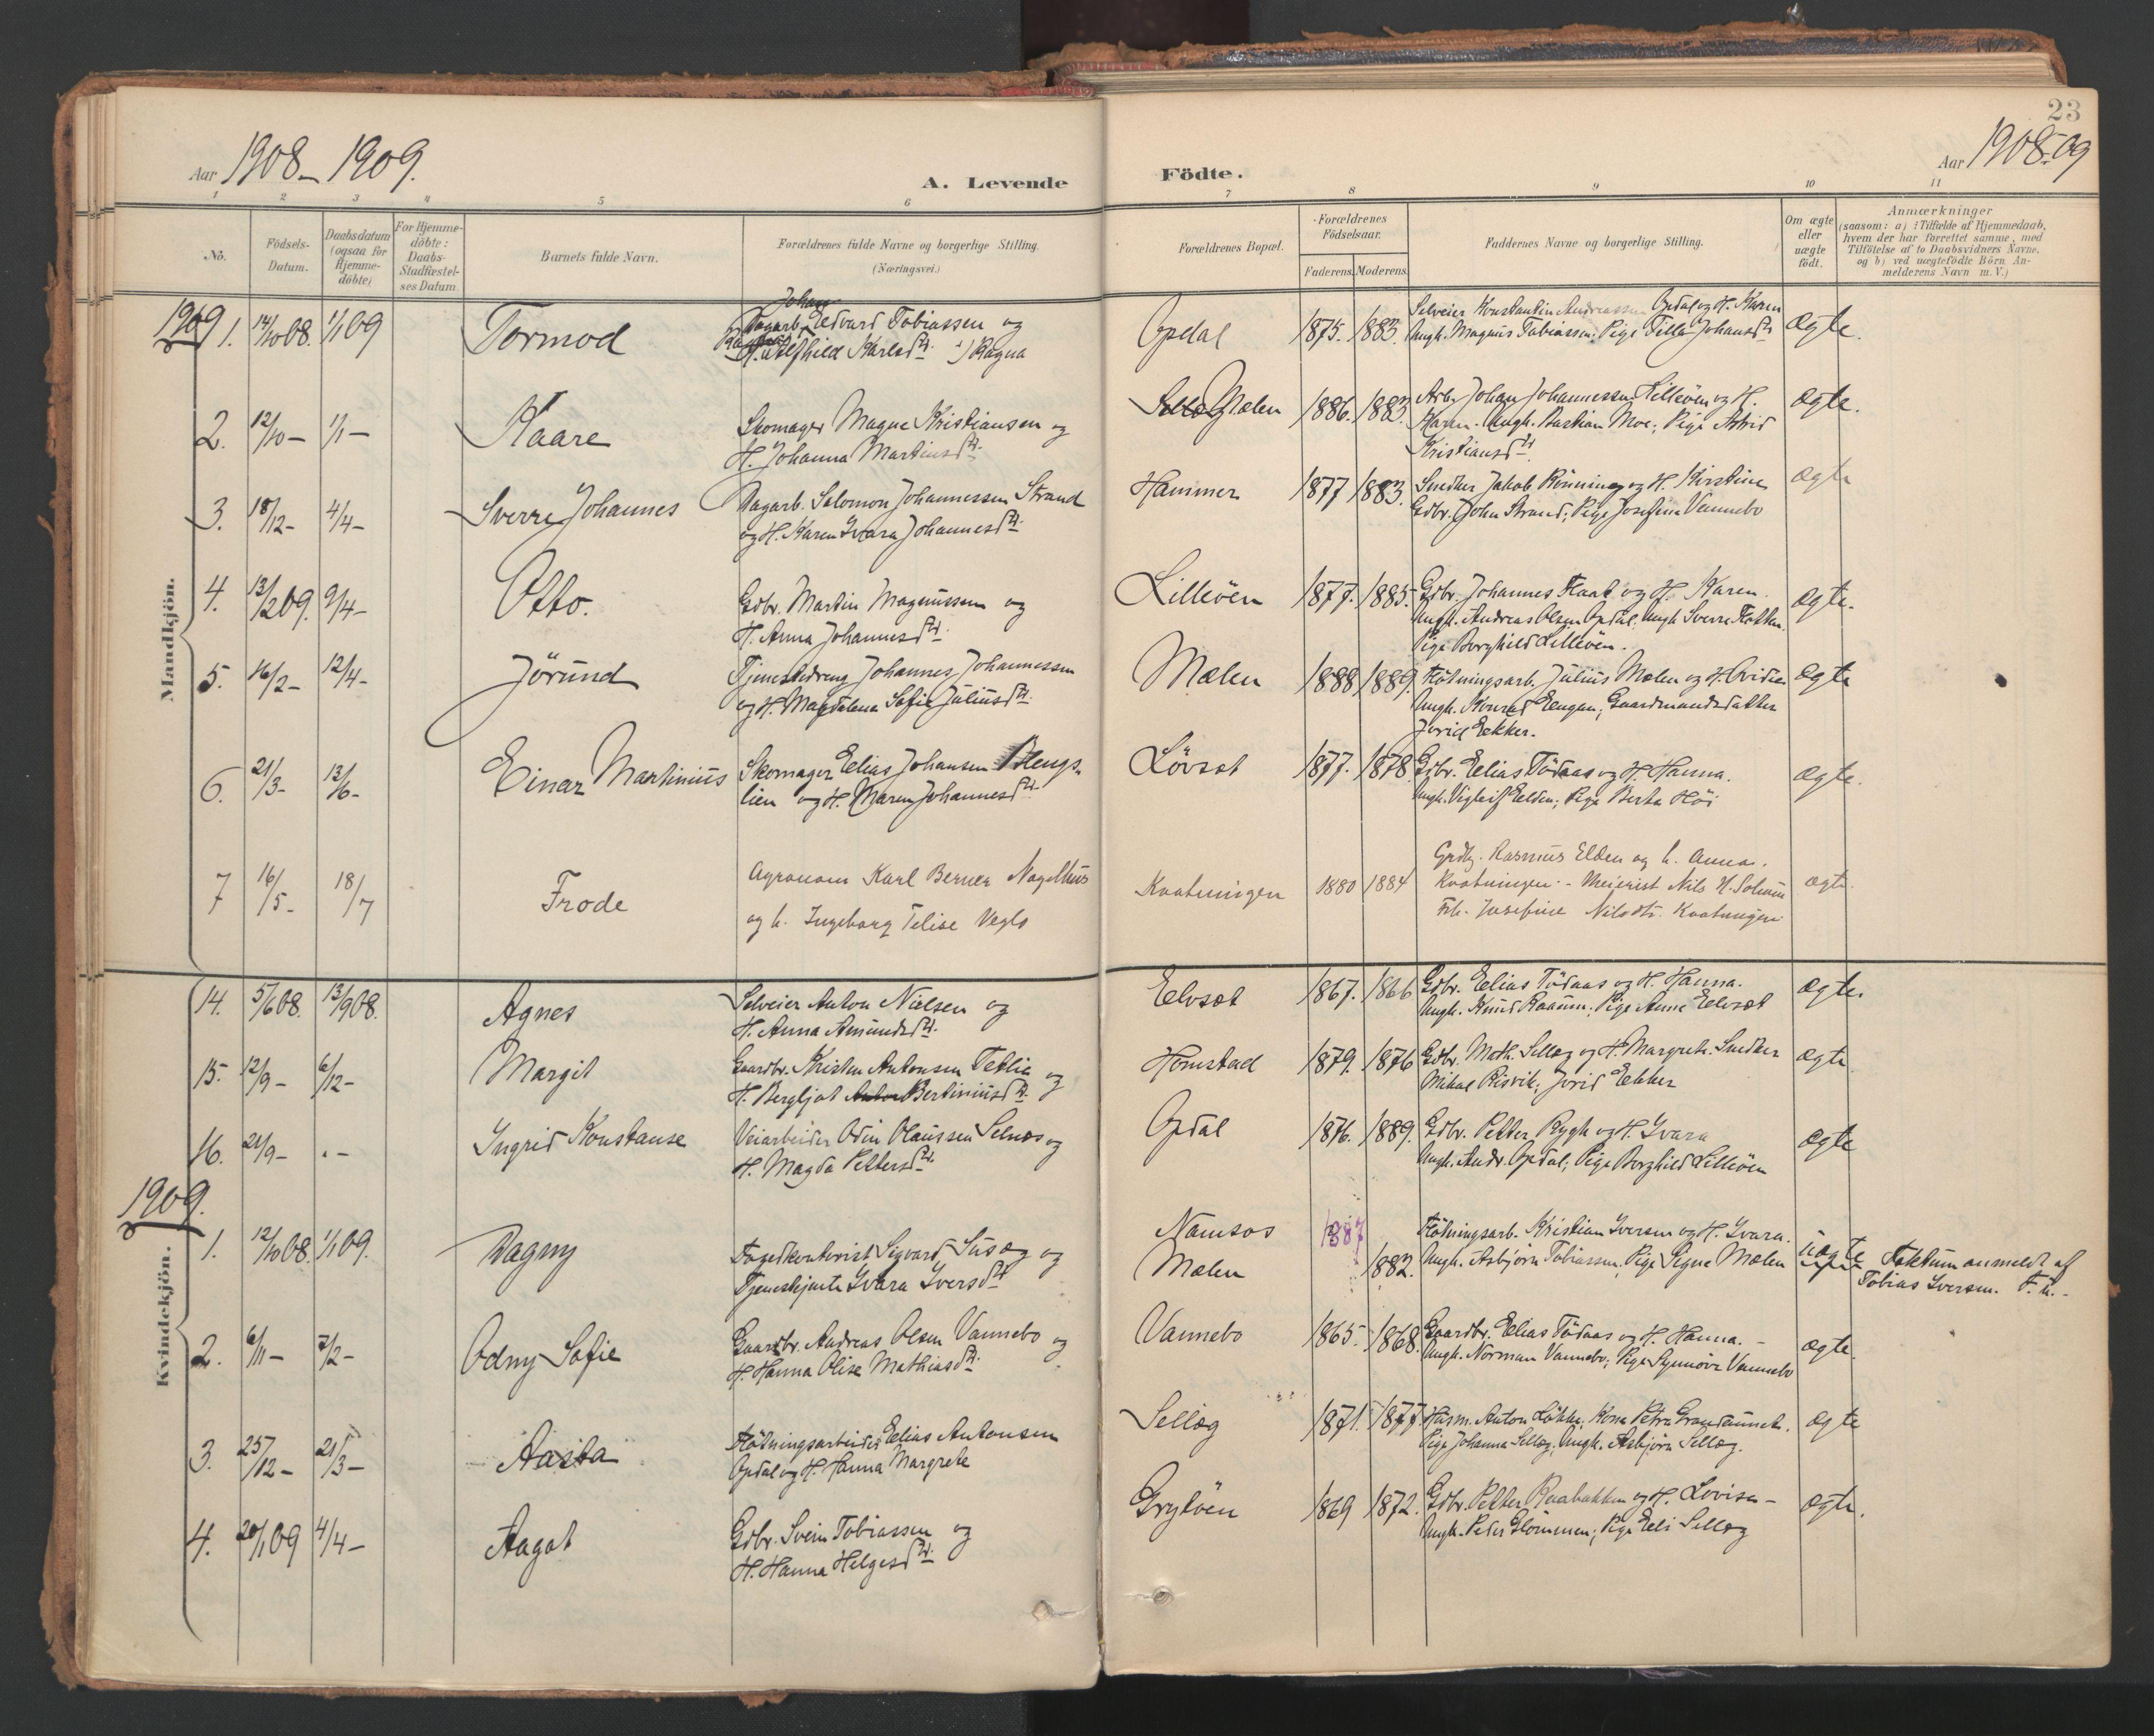 SAT, Ministerialprotokoller, klokkerbøker og fødselsregistre - Nord-Trøndelag, 766/L0564: Ministerialbok nr. 767A02, 1900-1932, s. 23